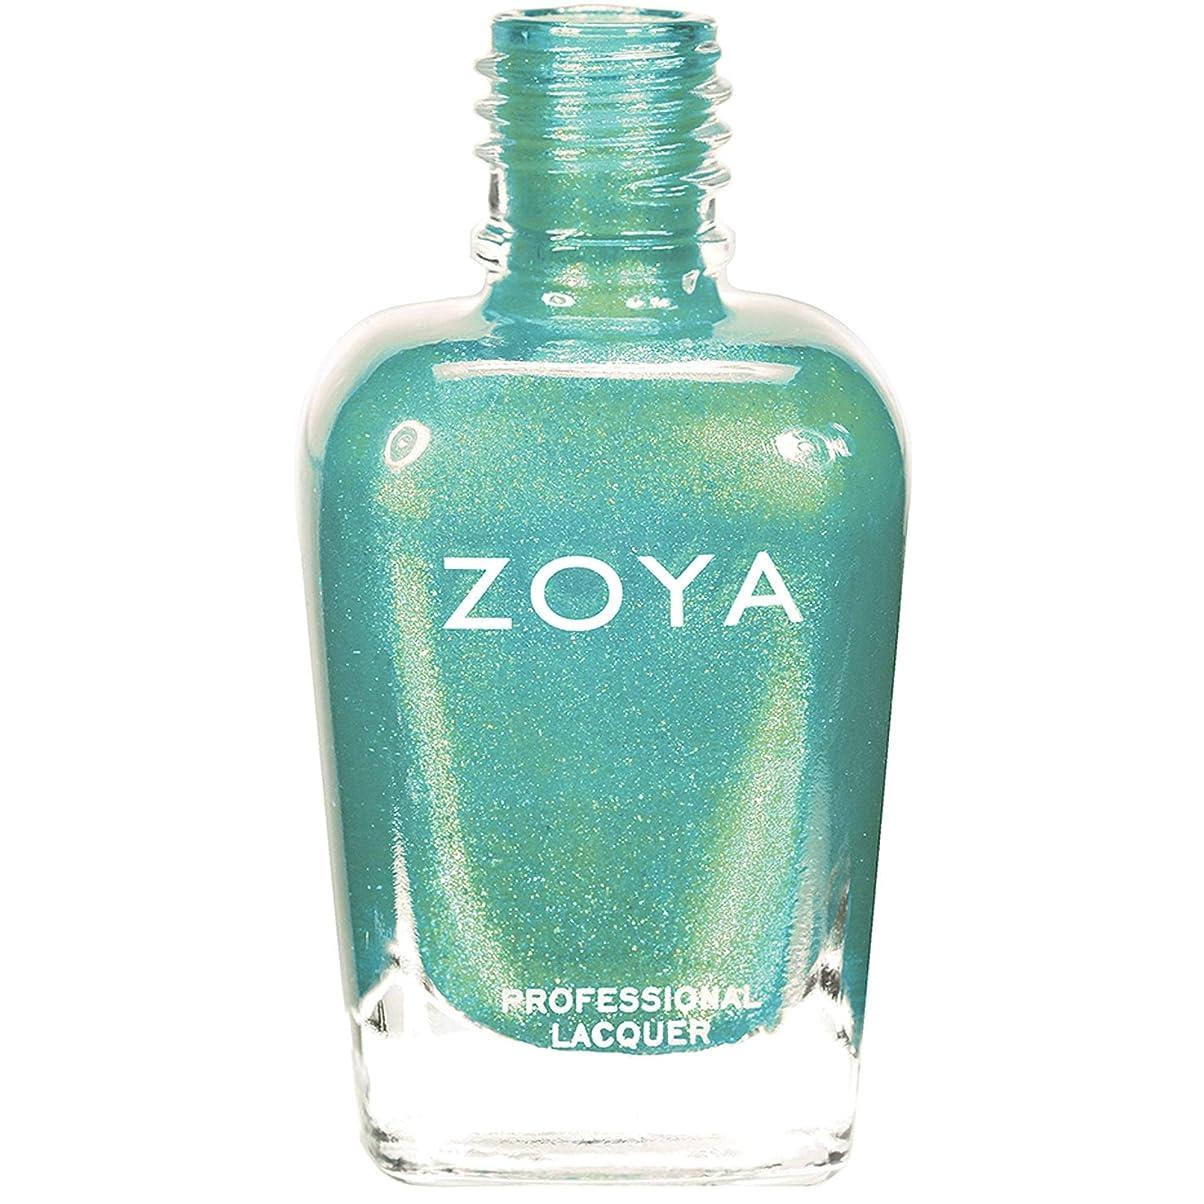 影響力のある問い合わせ魅力ZOYA (ゾーヤ) ネイルカラー 15mL [ZP625] ズザ